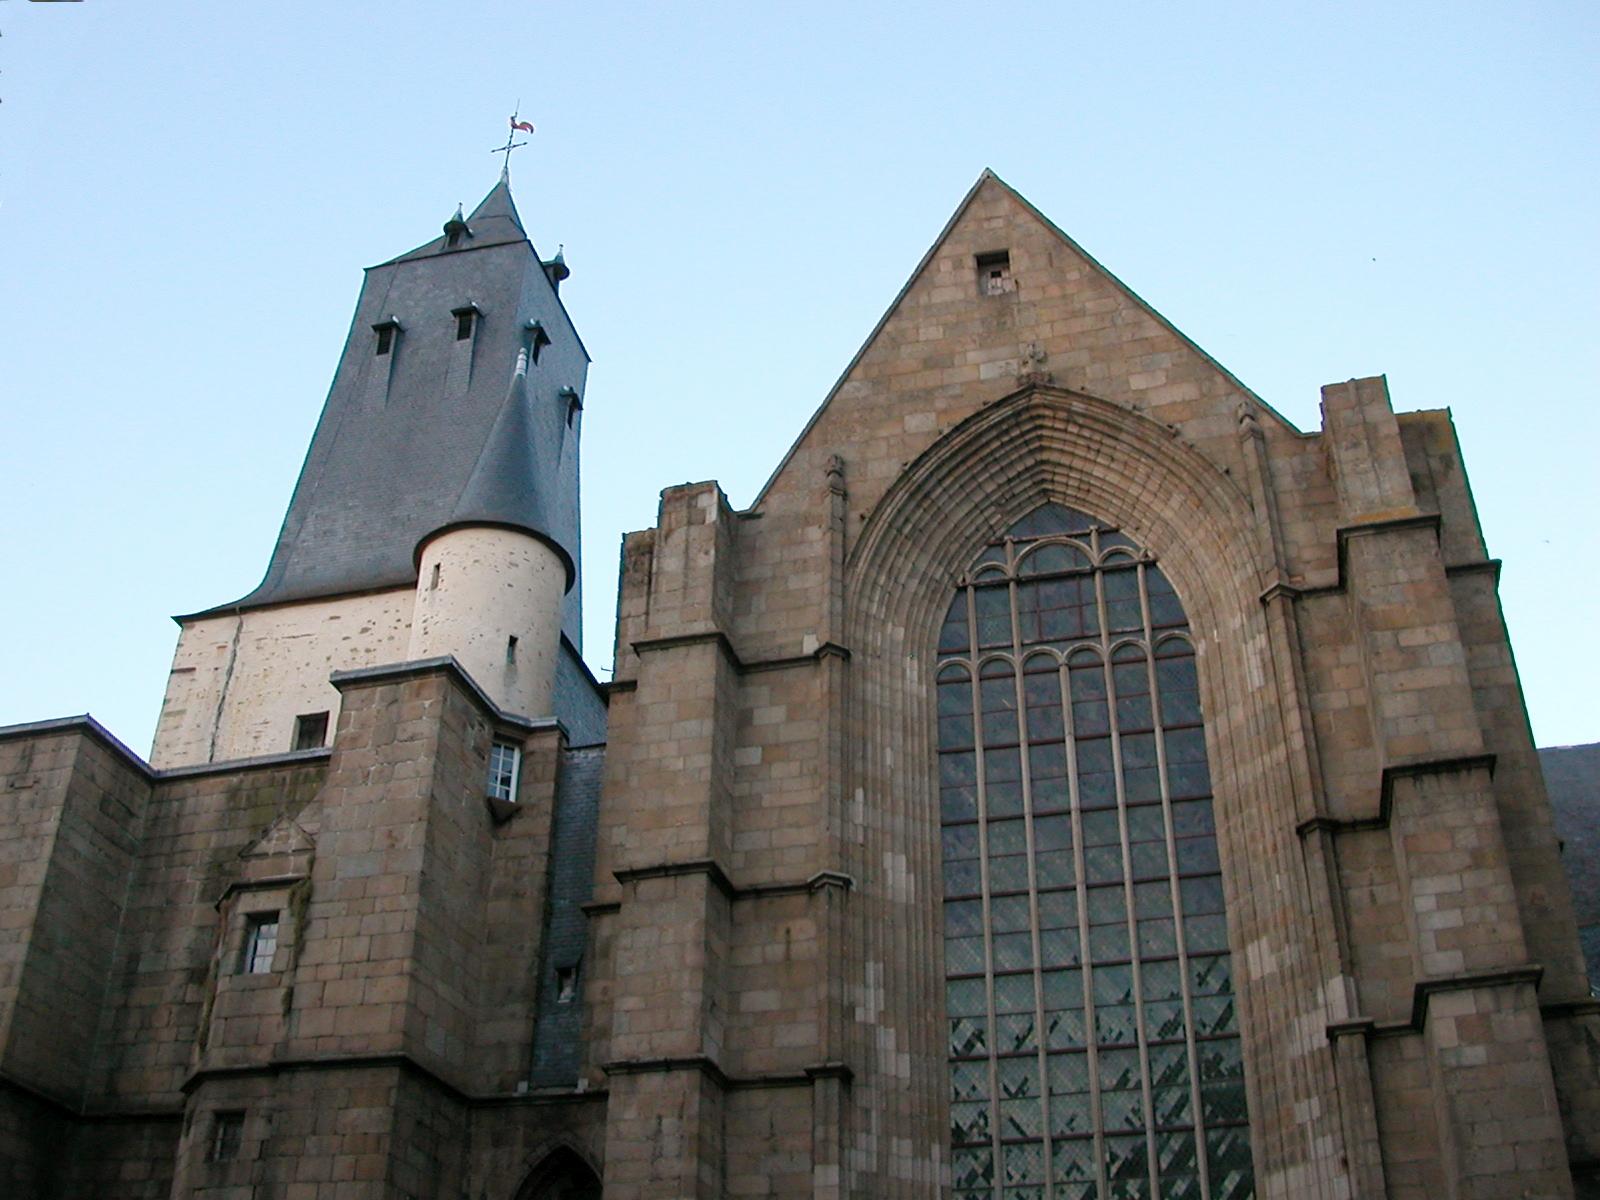 Rennes église Saint Germain